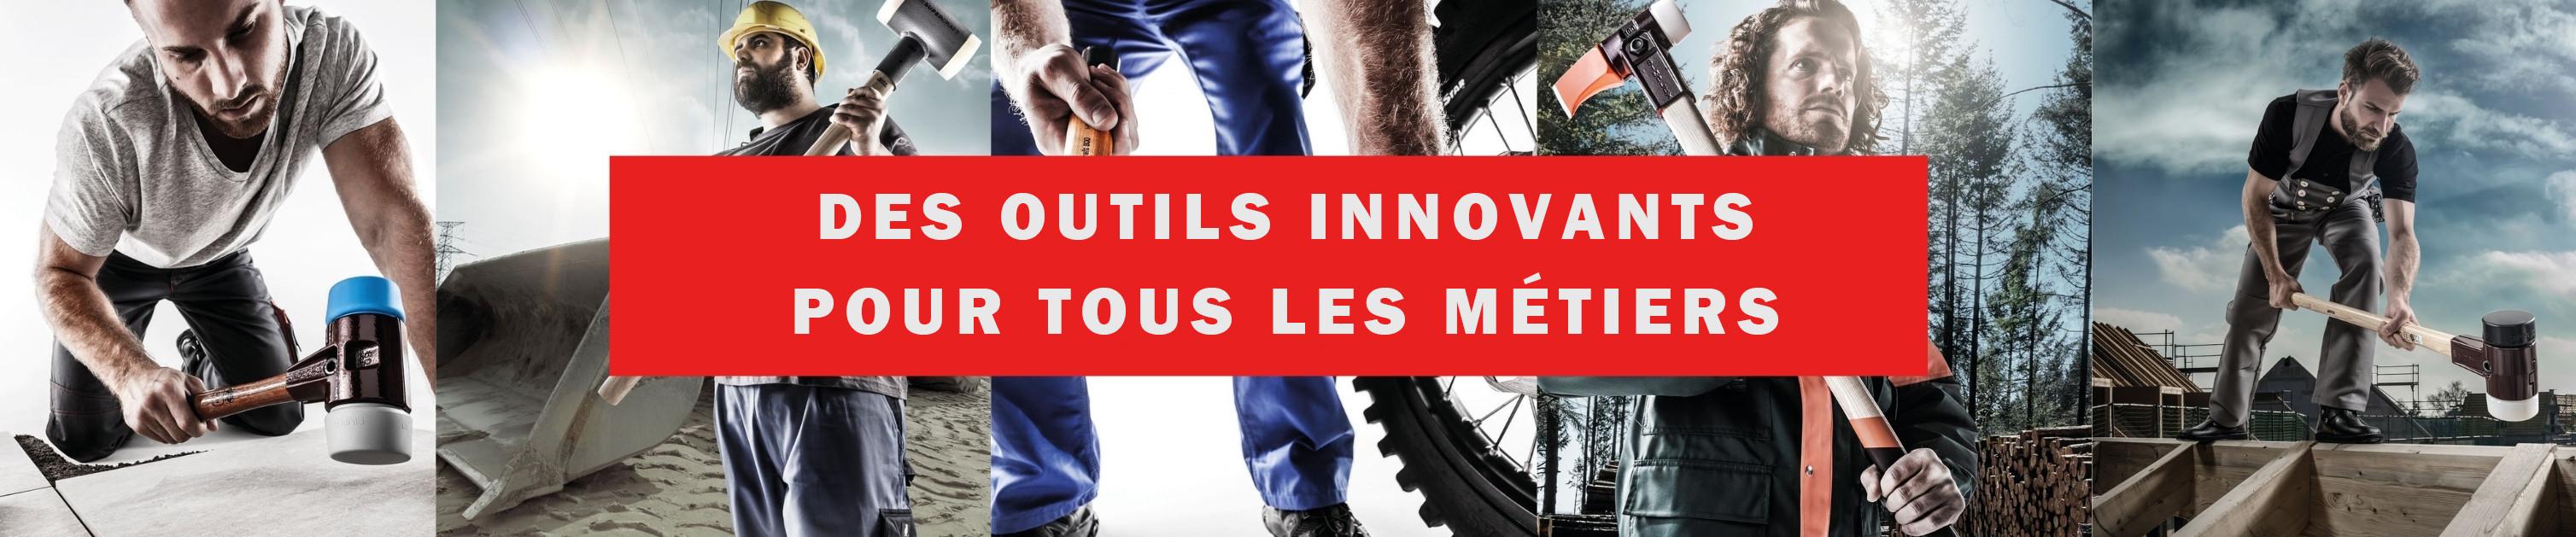 https://www.innovapro.fr/pub/Carrousel/TOUS_VOS_OUTILS_CLASSES_PAR_METIERS.jpg